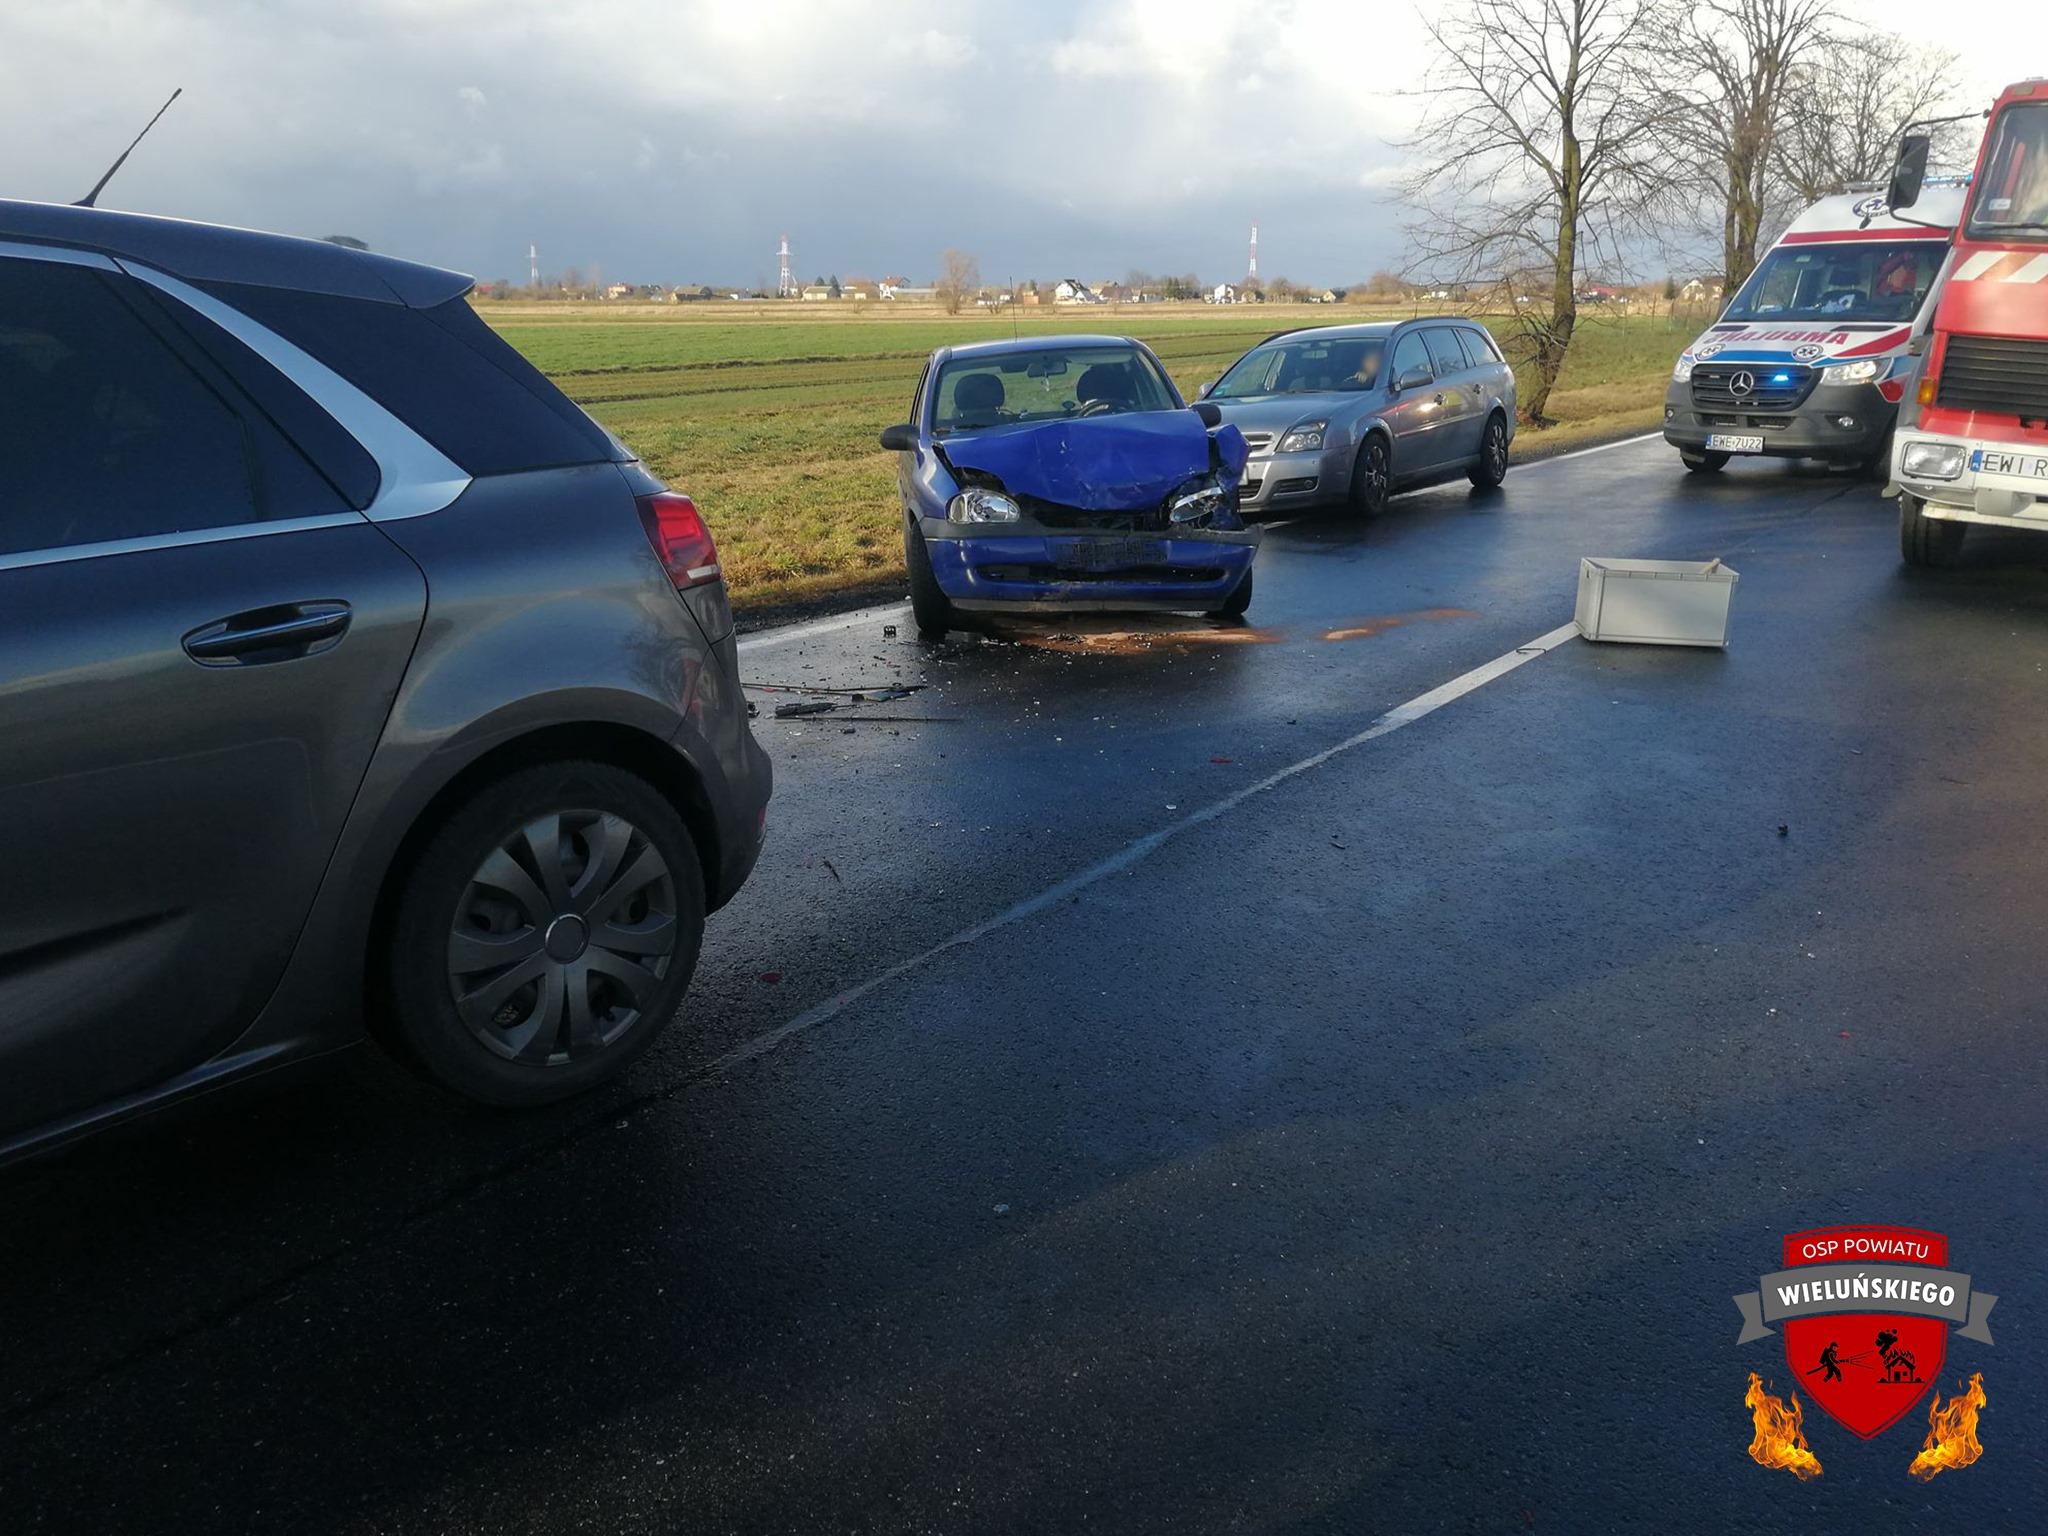 ALARM 1417 18.02.2020 Wypadek drogowy zudzialem 2 samochodow osobowych.xx&oh=fa0d8407e32e892f39674c2ab589128a&oe=5E82A396 - ALARM   14:17   18.02.2020    Wypadek drogowy zudziałem 2 samochodów osobowych,...